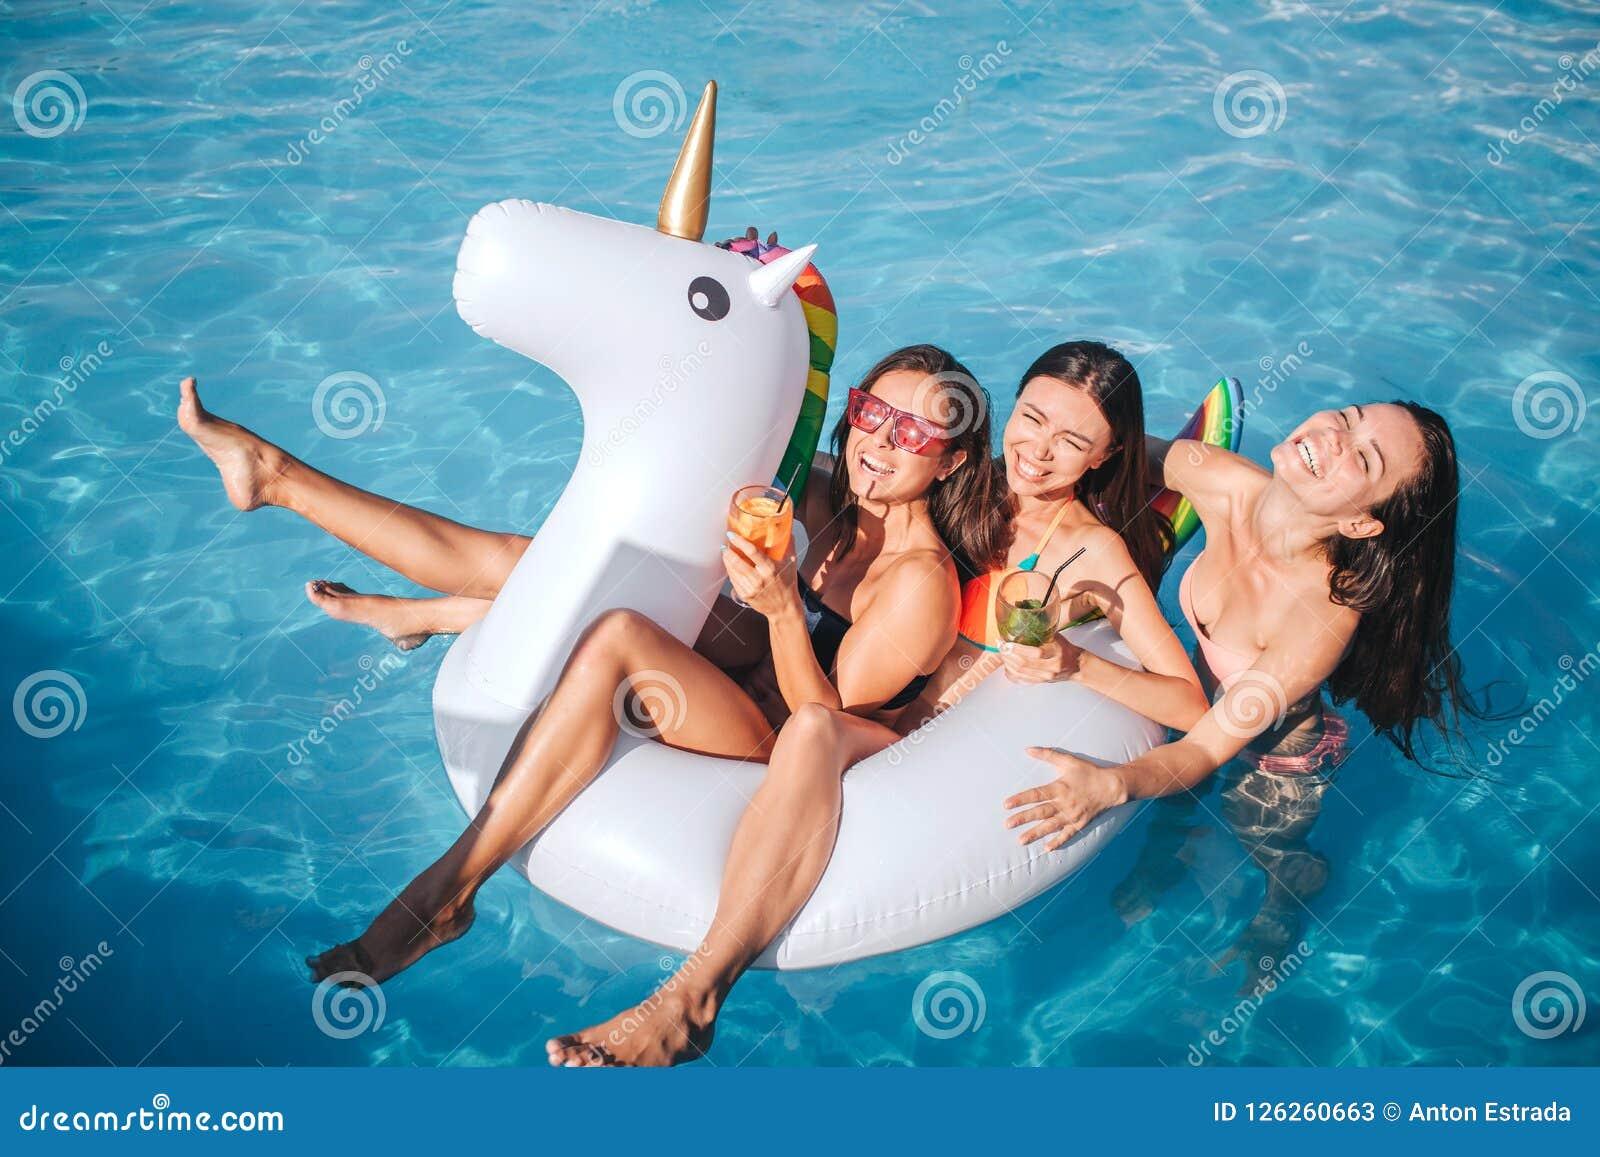 Os modelos atrativos estão na piscina Têm cocktail nas mãos Dois modelos sentam-se no flutuador Terceiro um que nada atrás